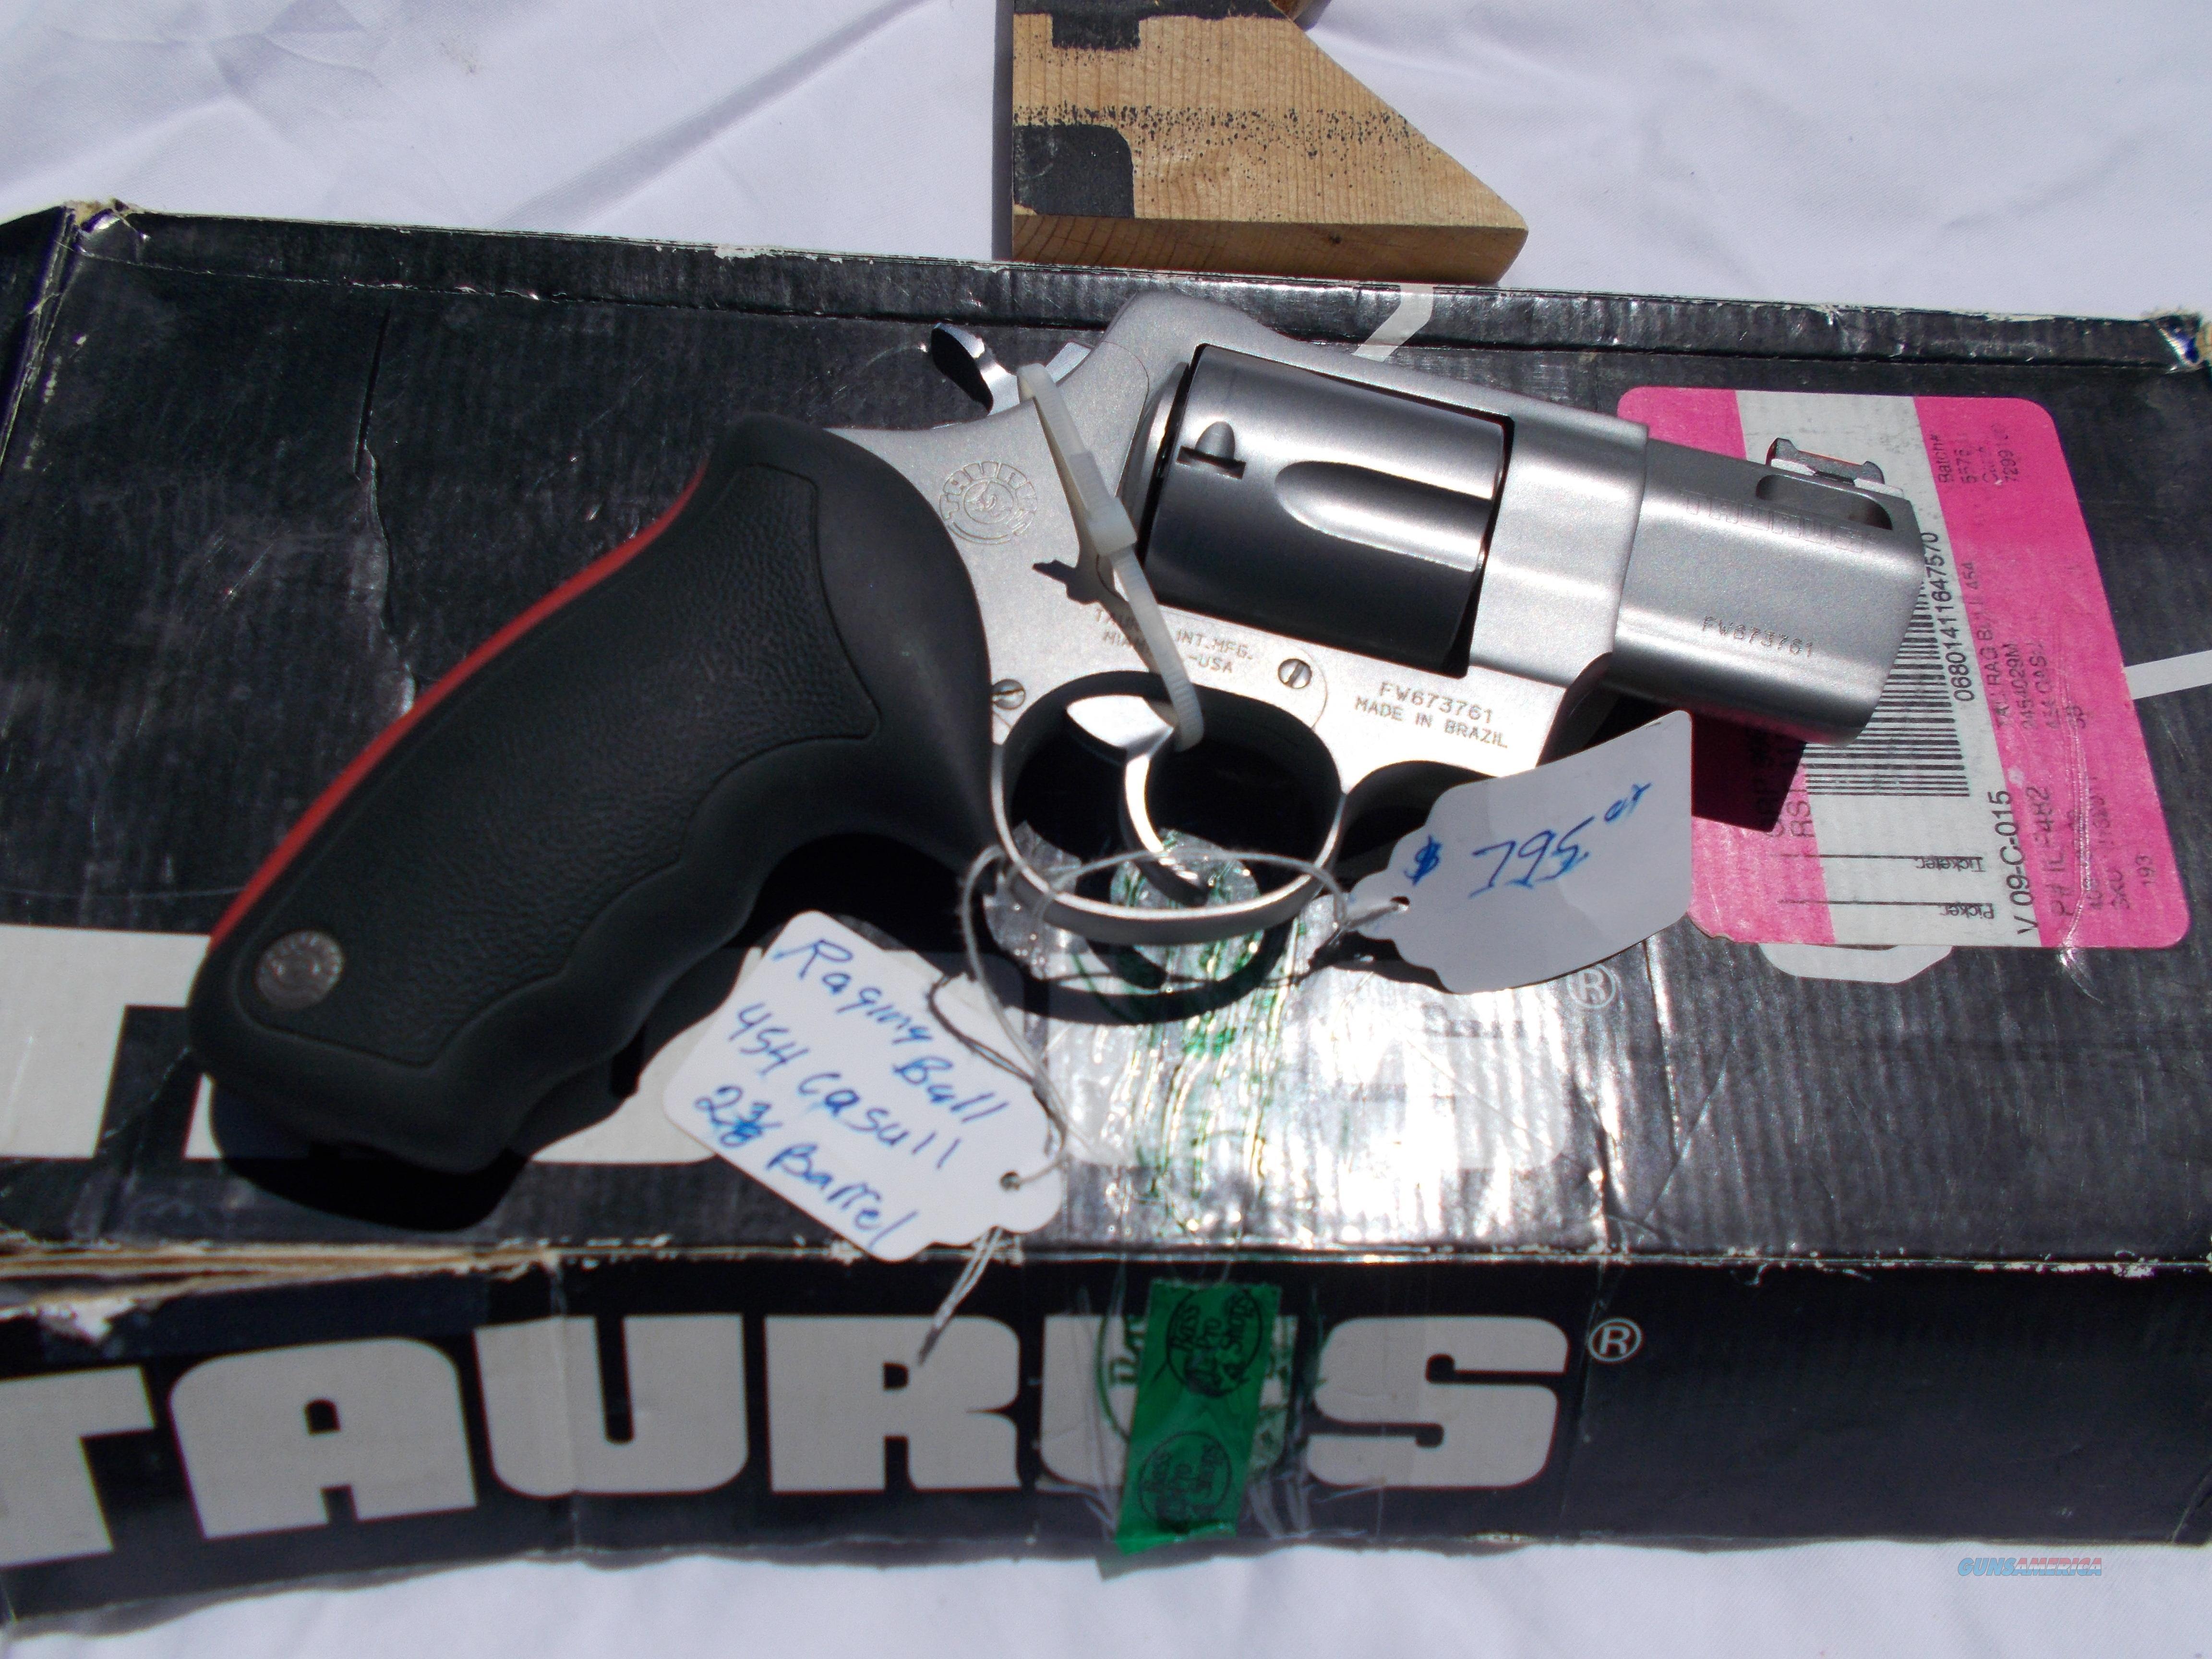 taurus raging bull 454 casull  Guns > Pistols > Taurus Pistols > Revolvers